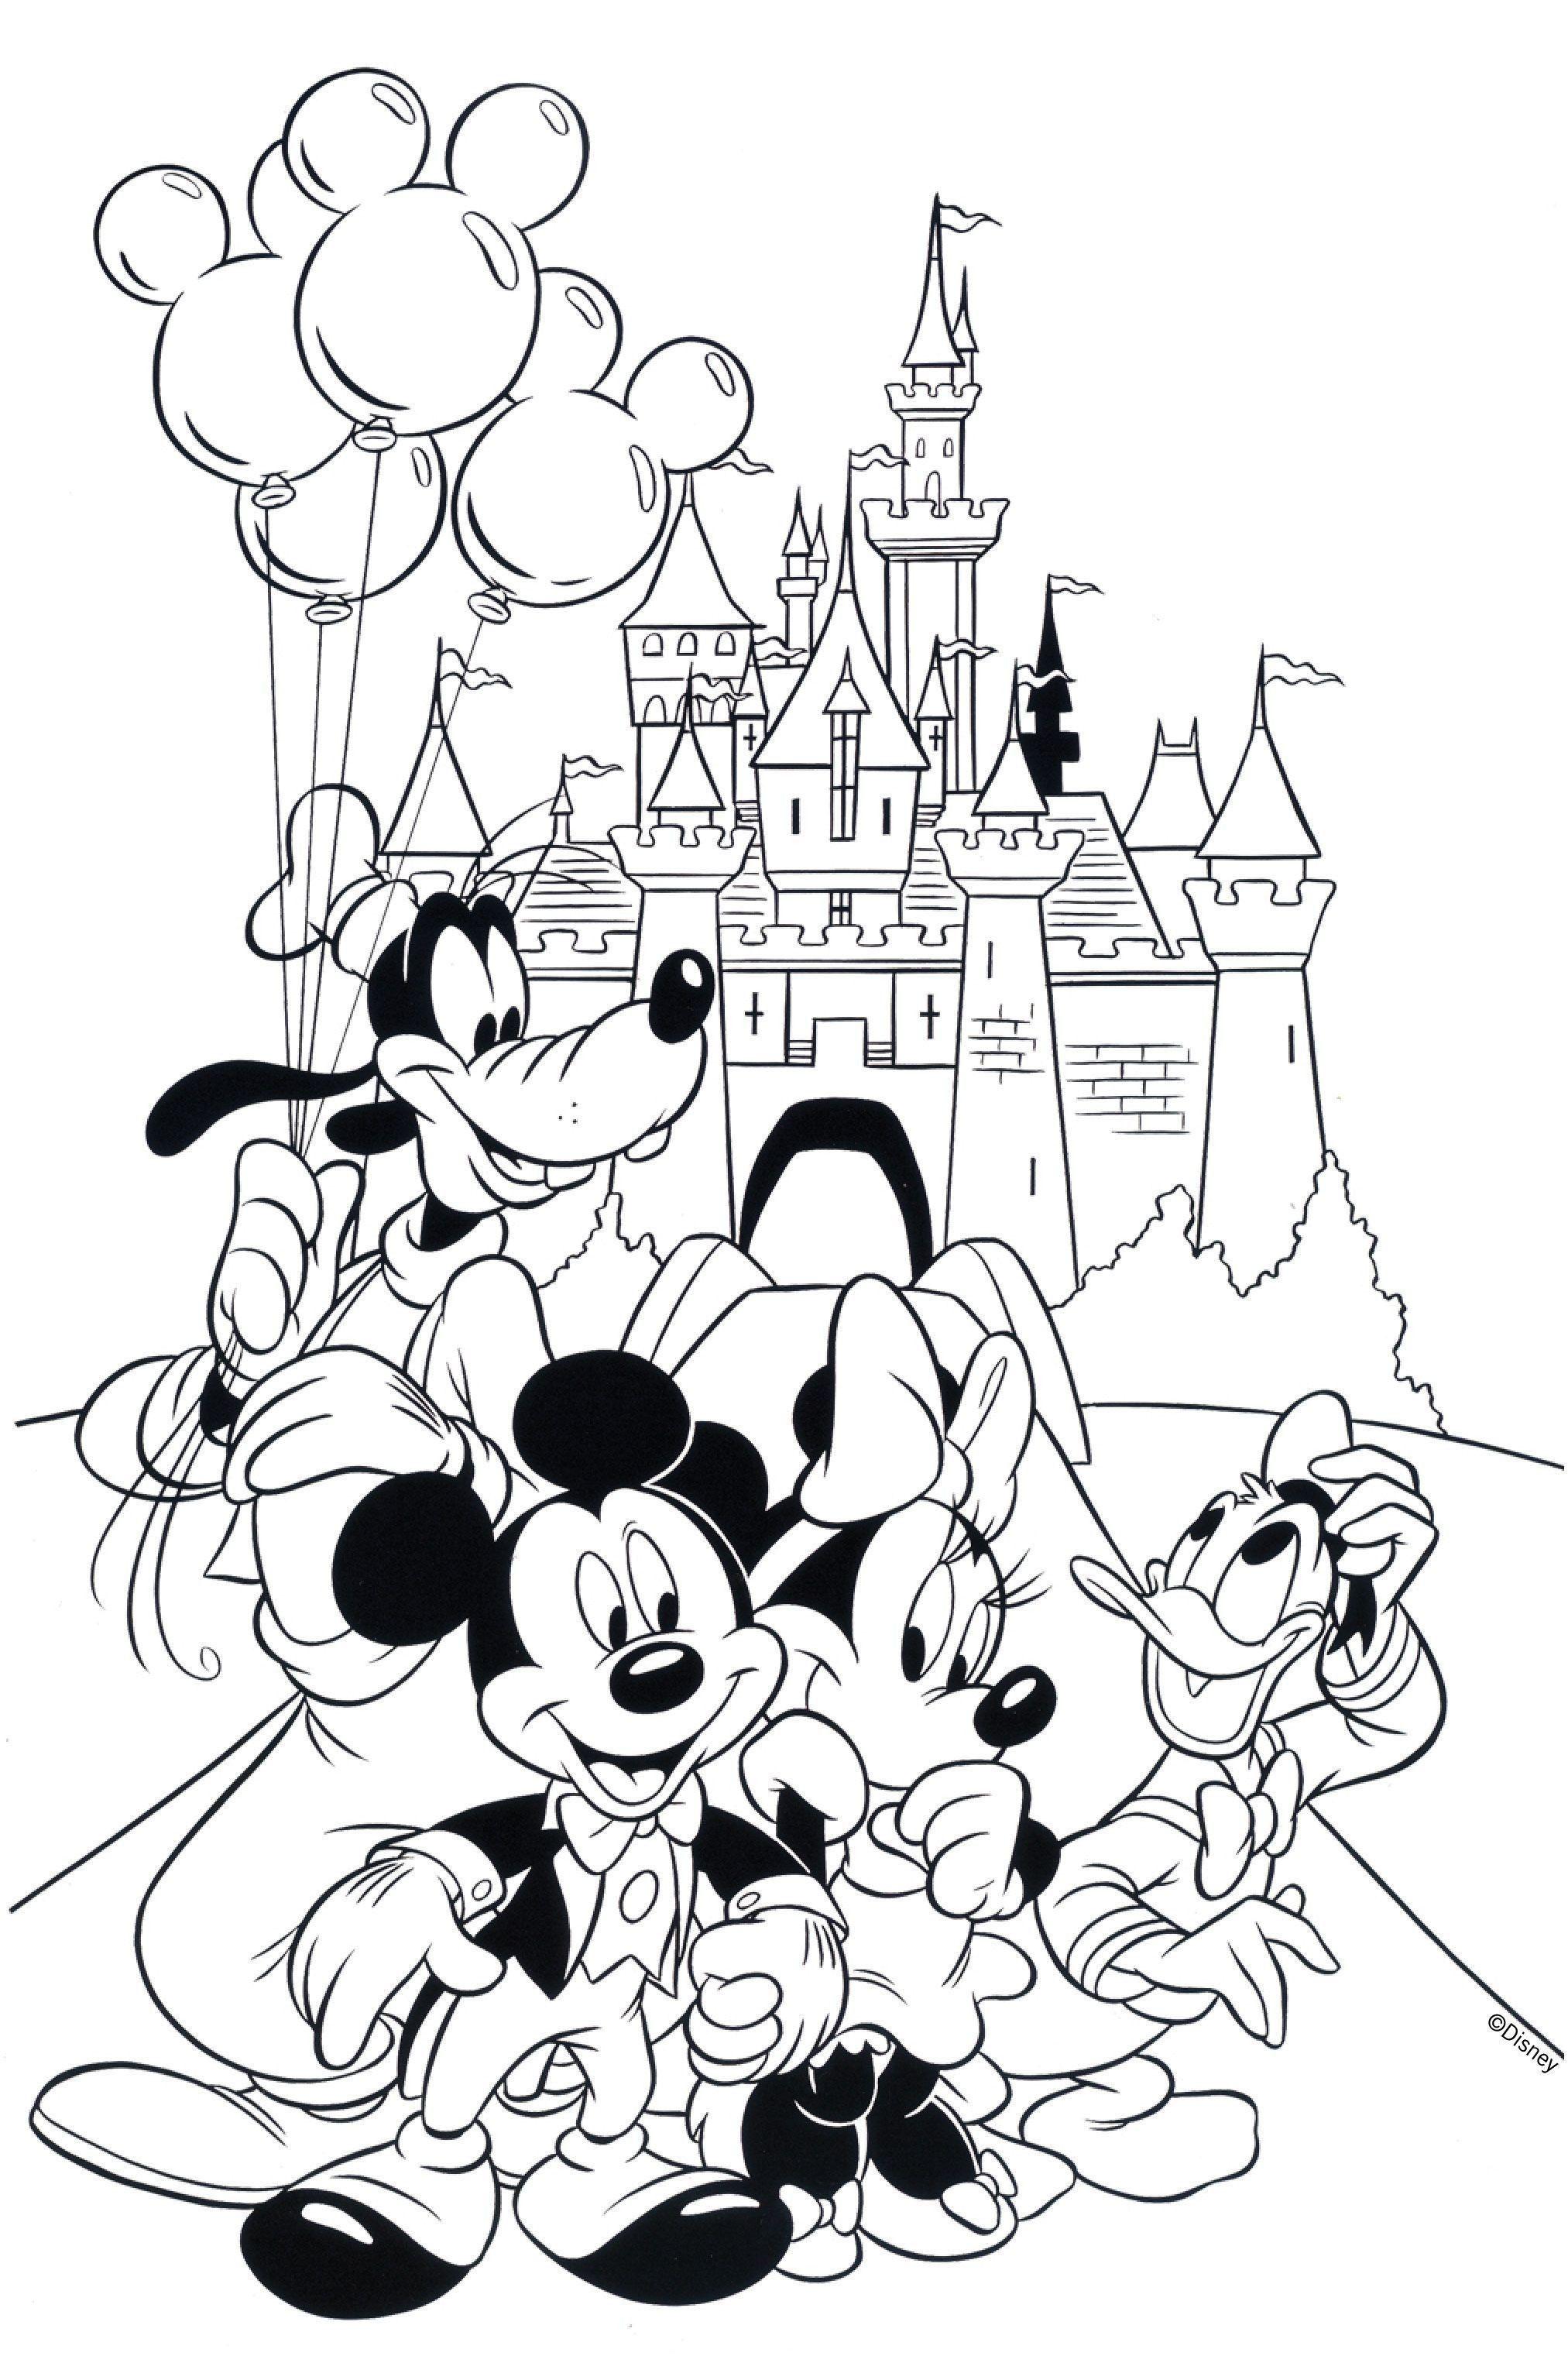 13 Das Beste Von Ausmalbilder Disney Channel Bilder  Mickey mouse